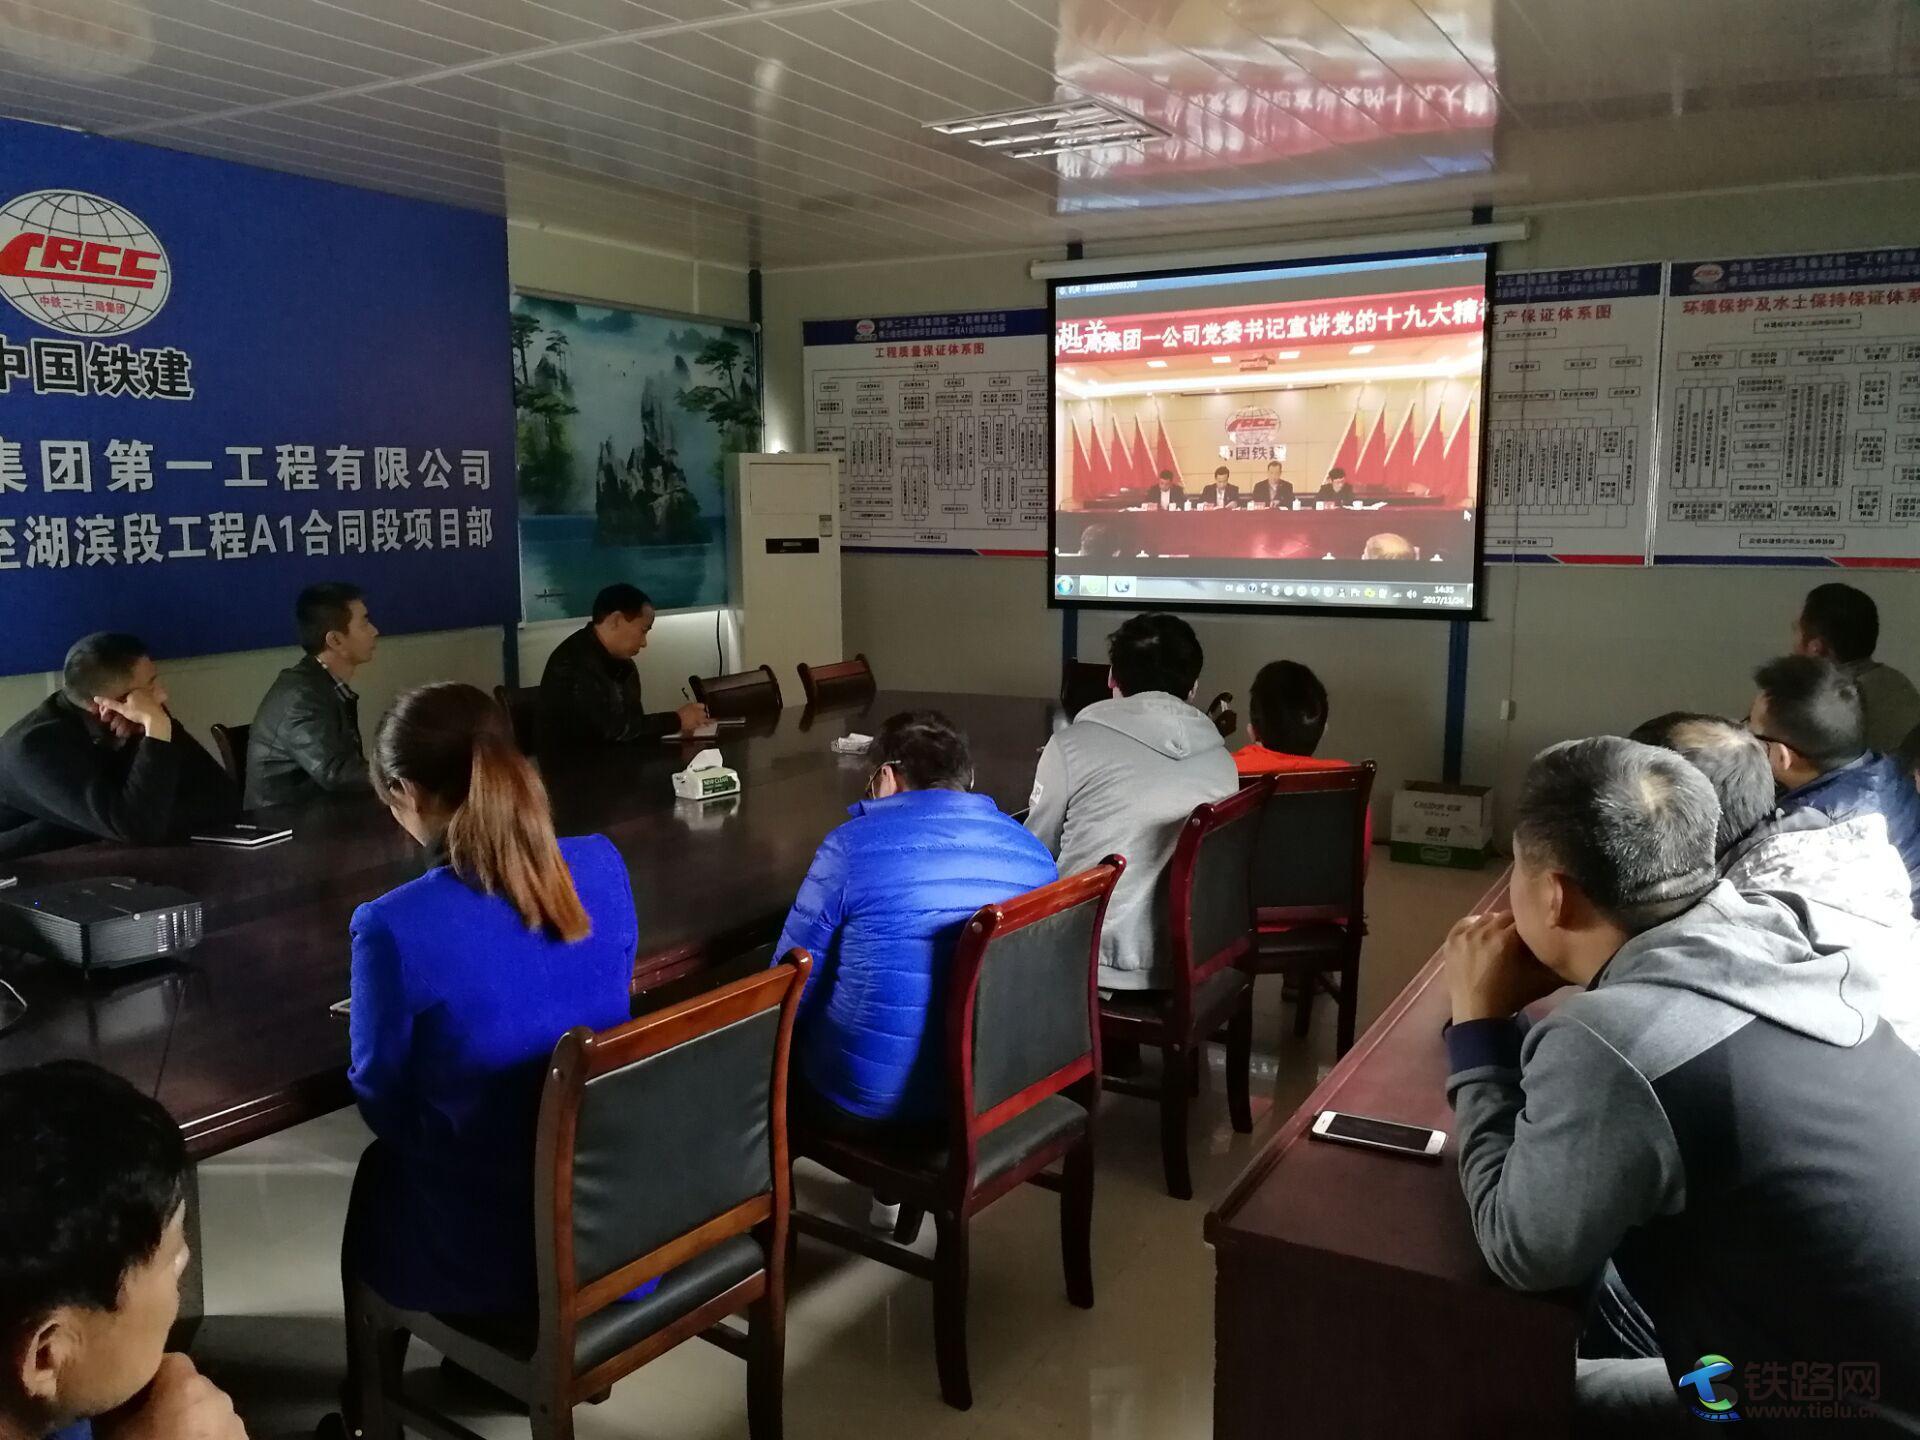 一公司古田A1项目在分会场现场观看宣讲直播.jpg